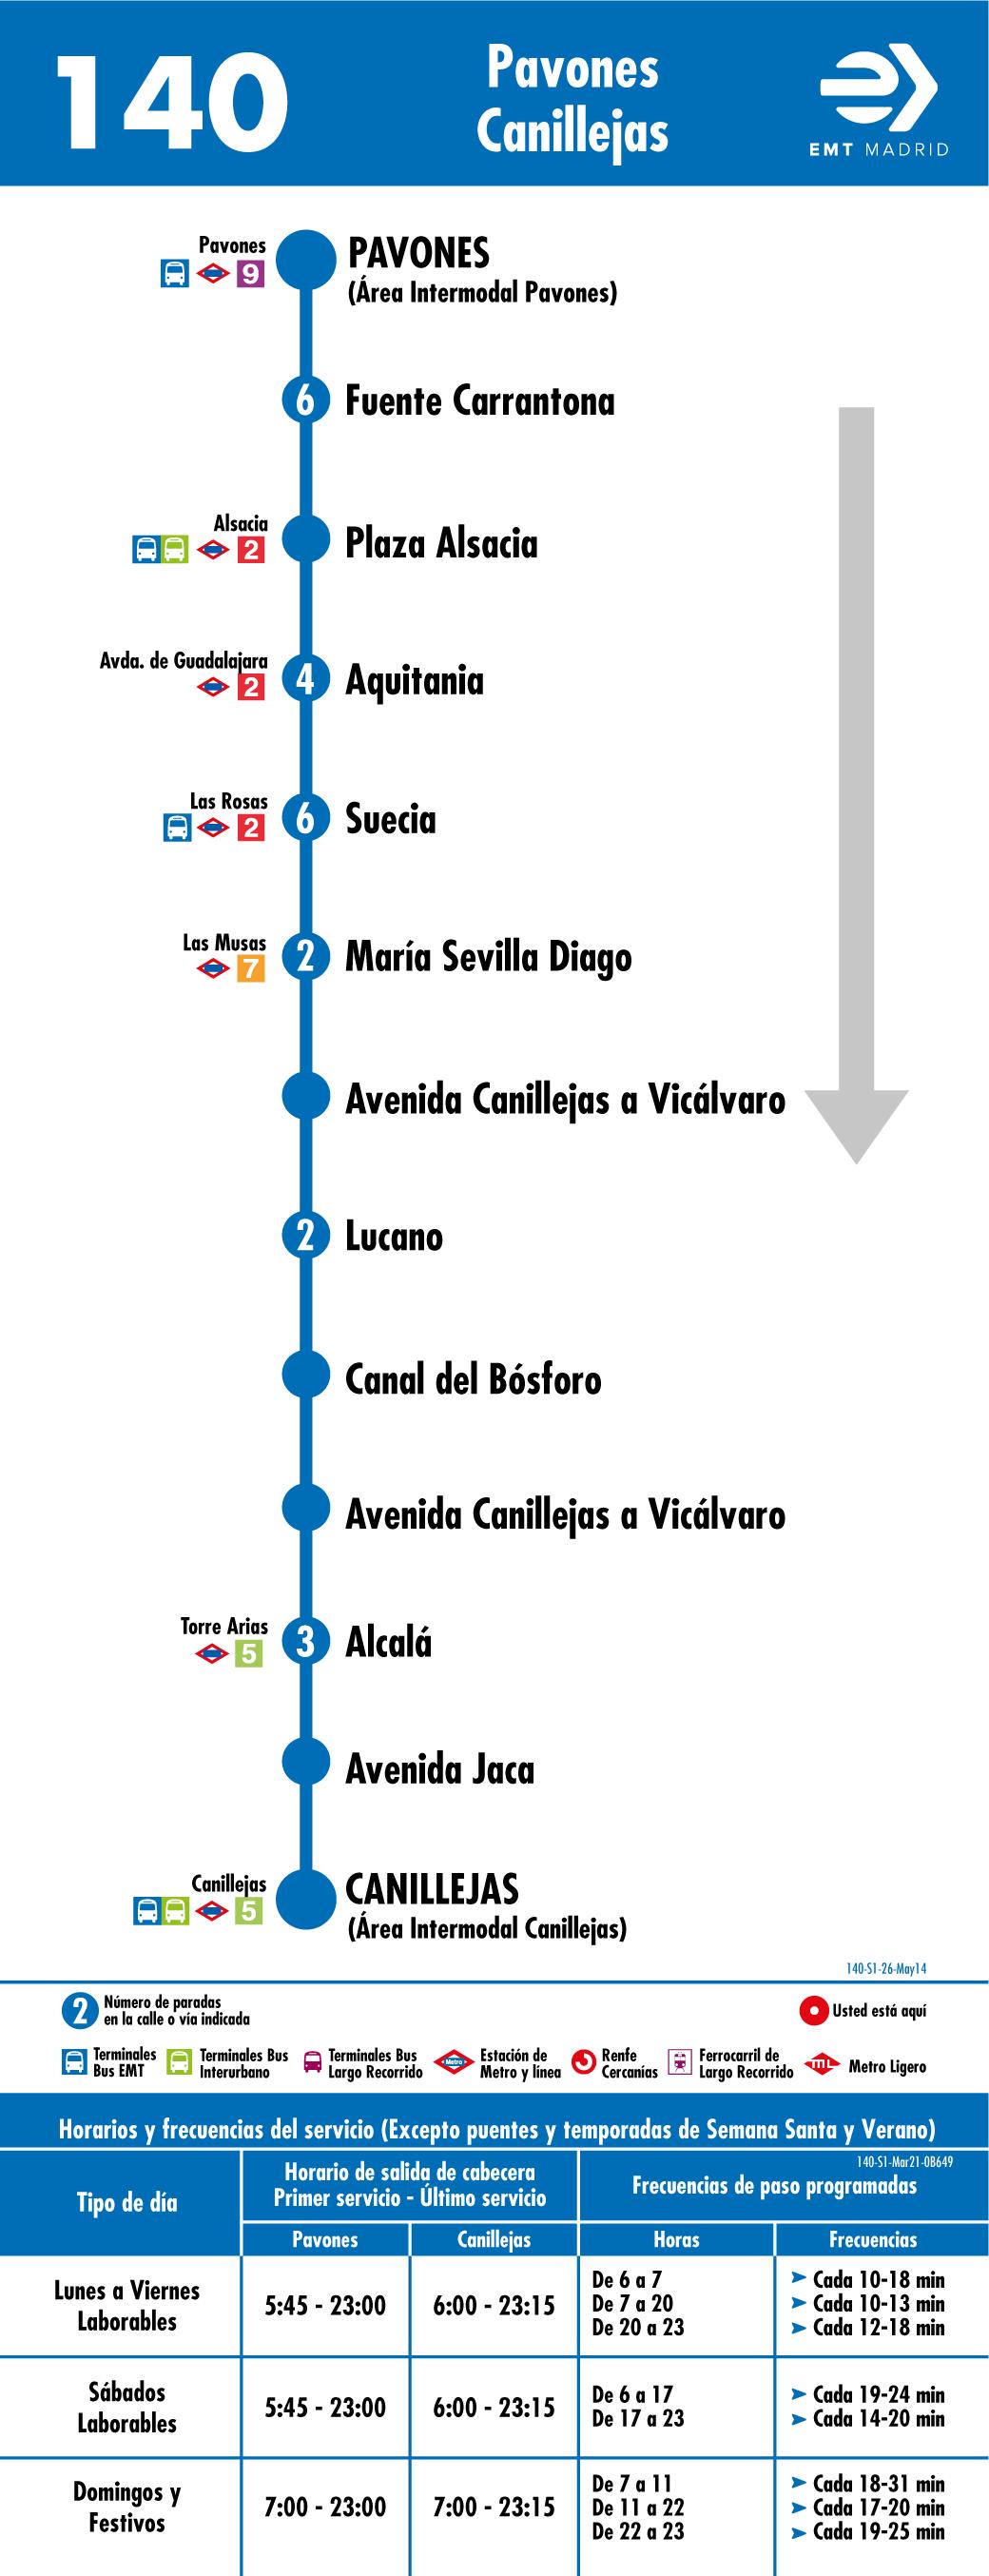 empresa autobus linea madrid: